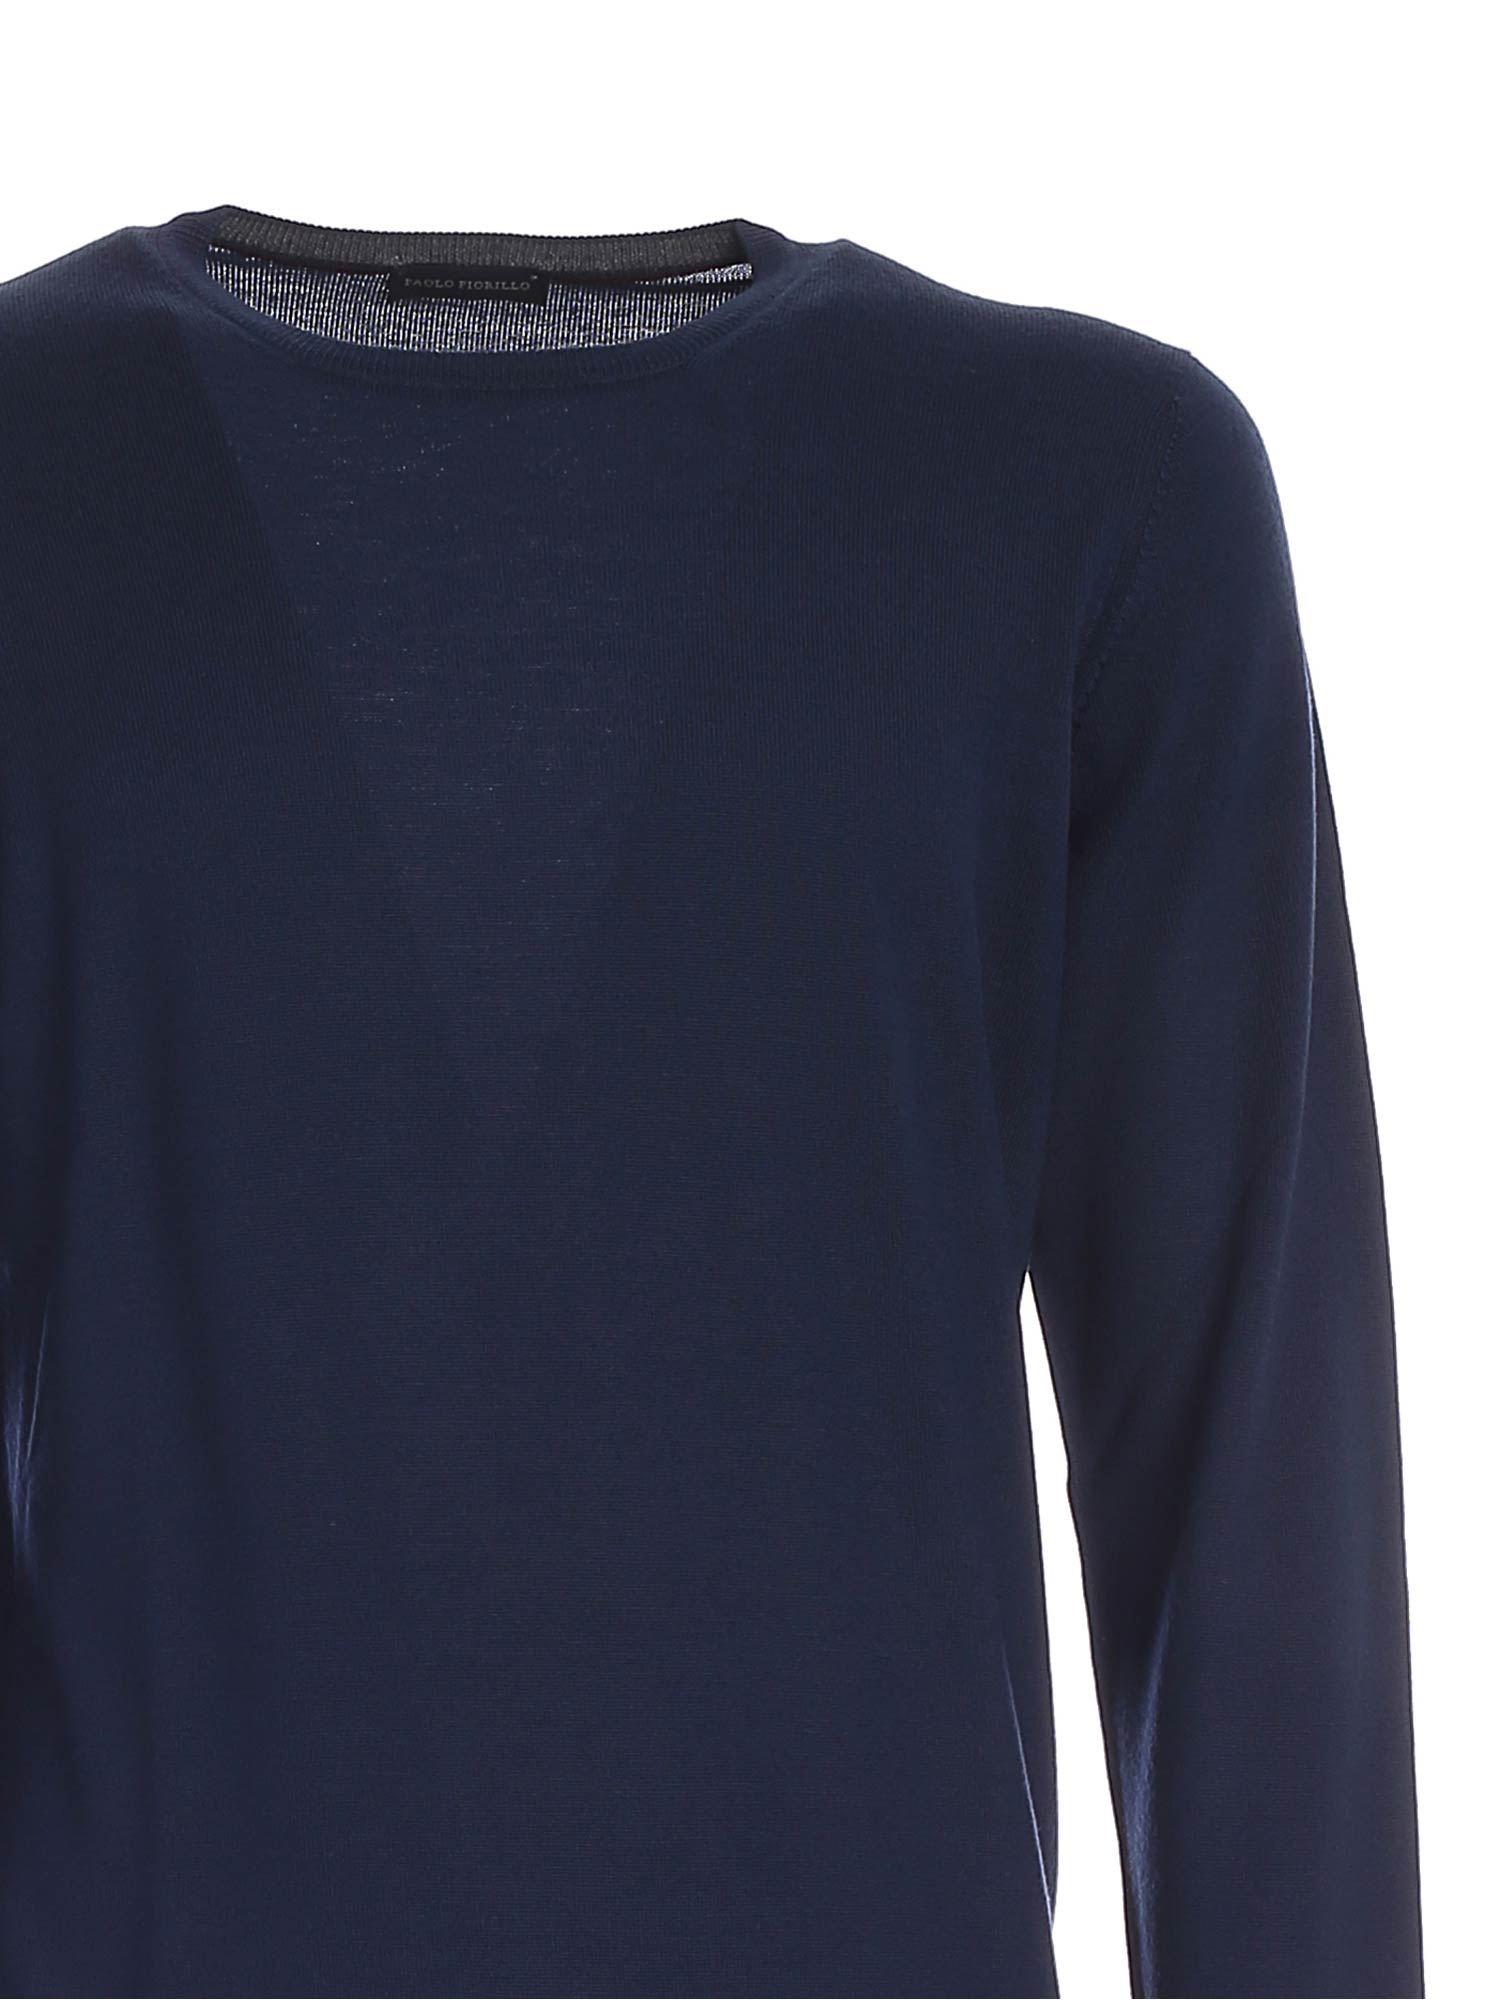 CREWNECK SWEATER IN BLUE PAOLO FIORILLO CAPRI | 1 | 5516714290573